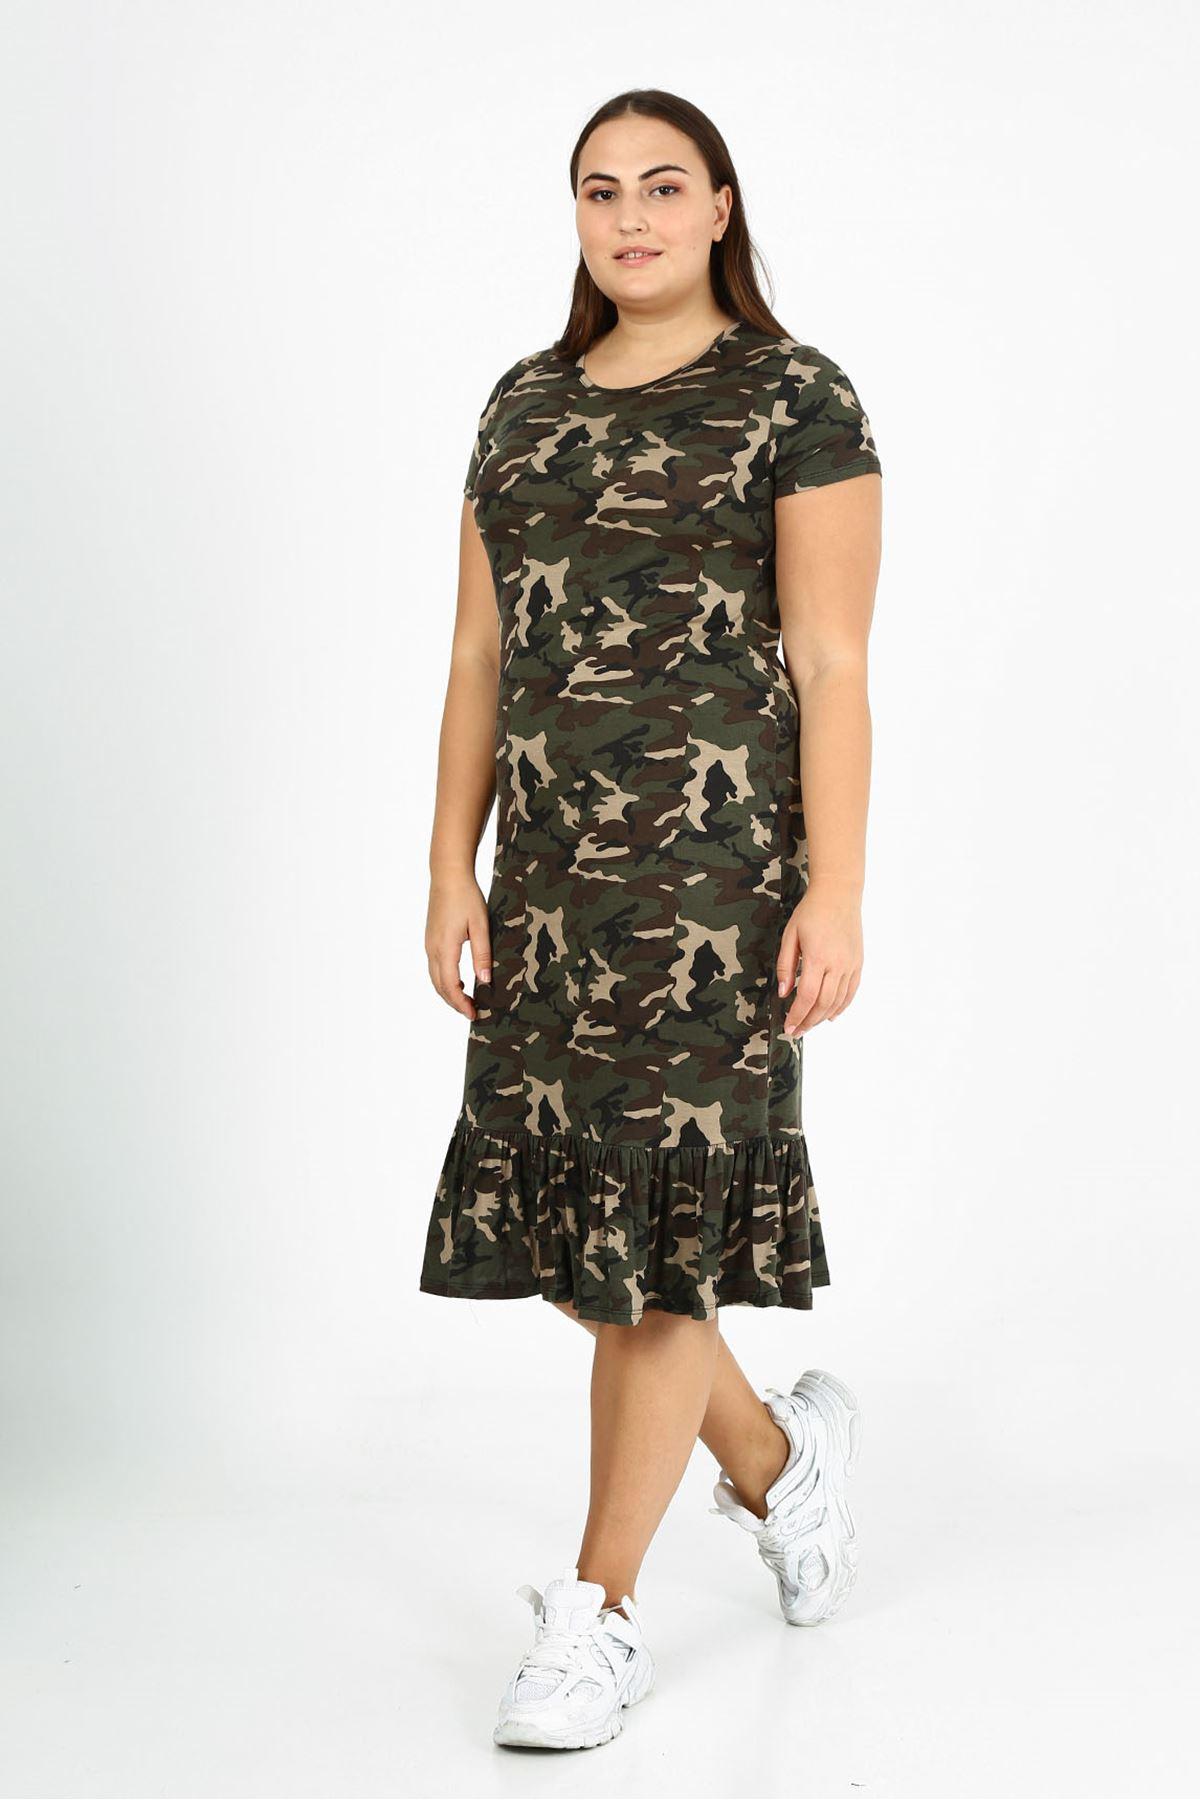 Kamuflaj Desen Eteği Fırfırlı Büyük Beden Elbise 3F-1773